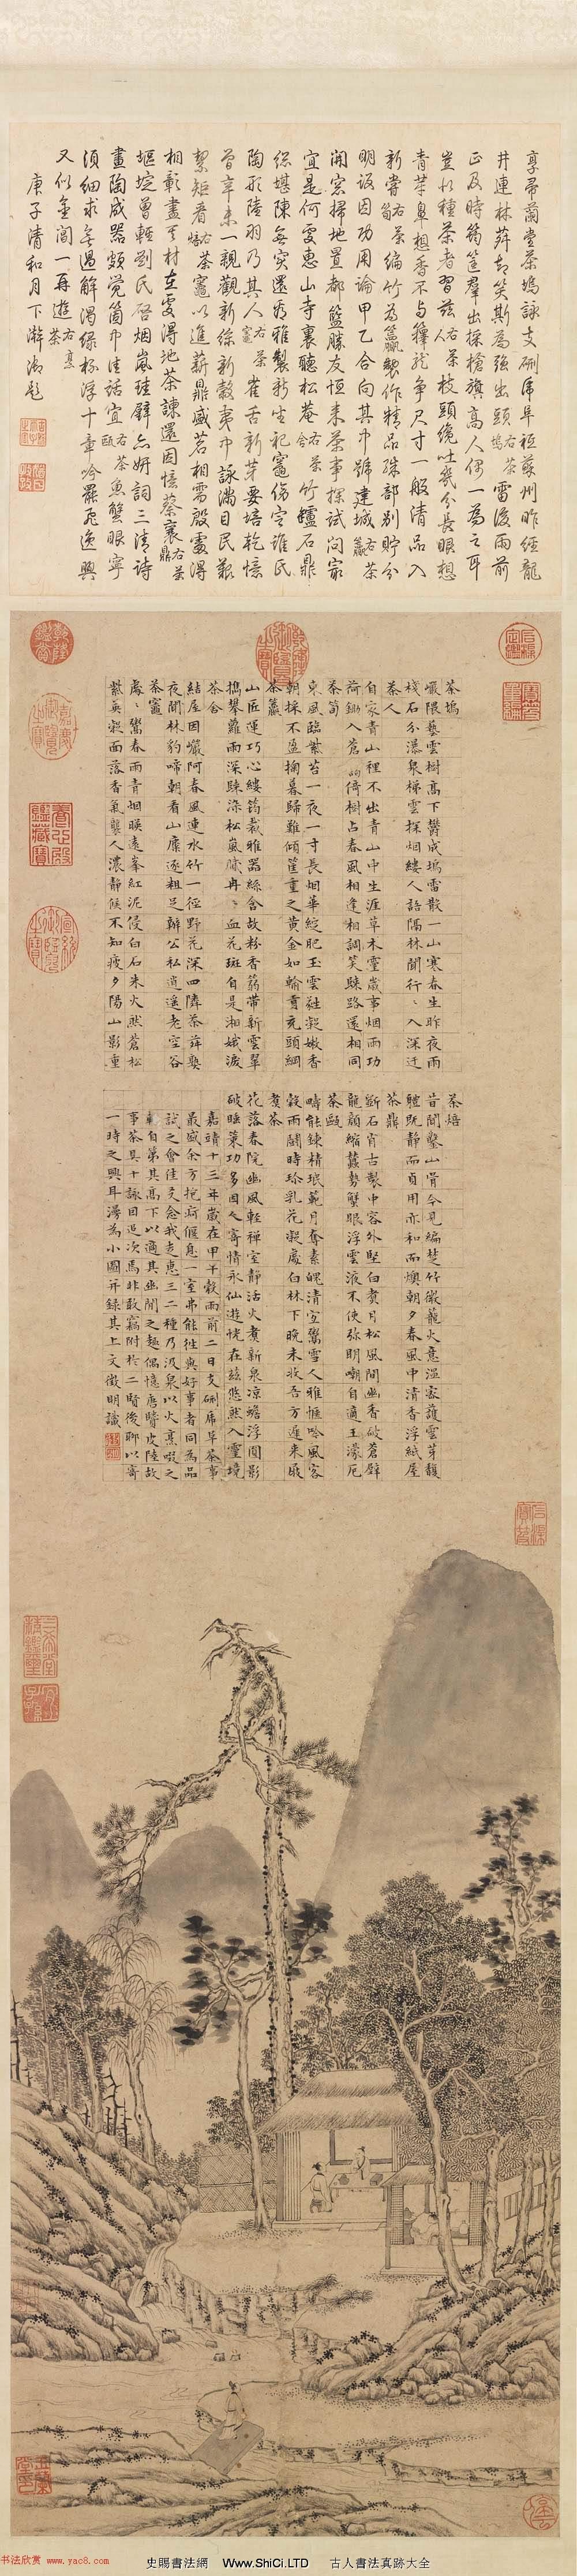 文徵明小楷字畫真跡欣賞《茶事圖》(共5張圖片)